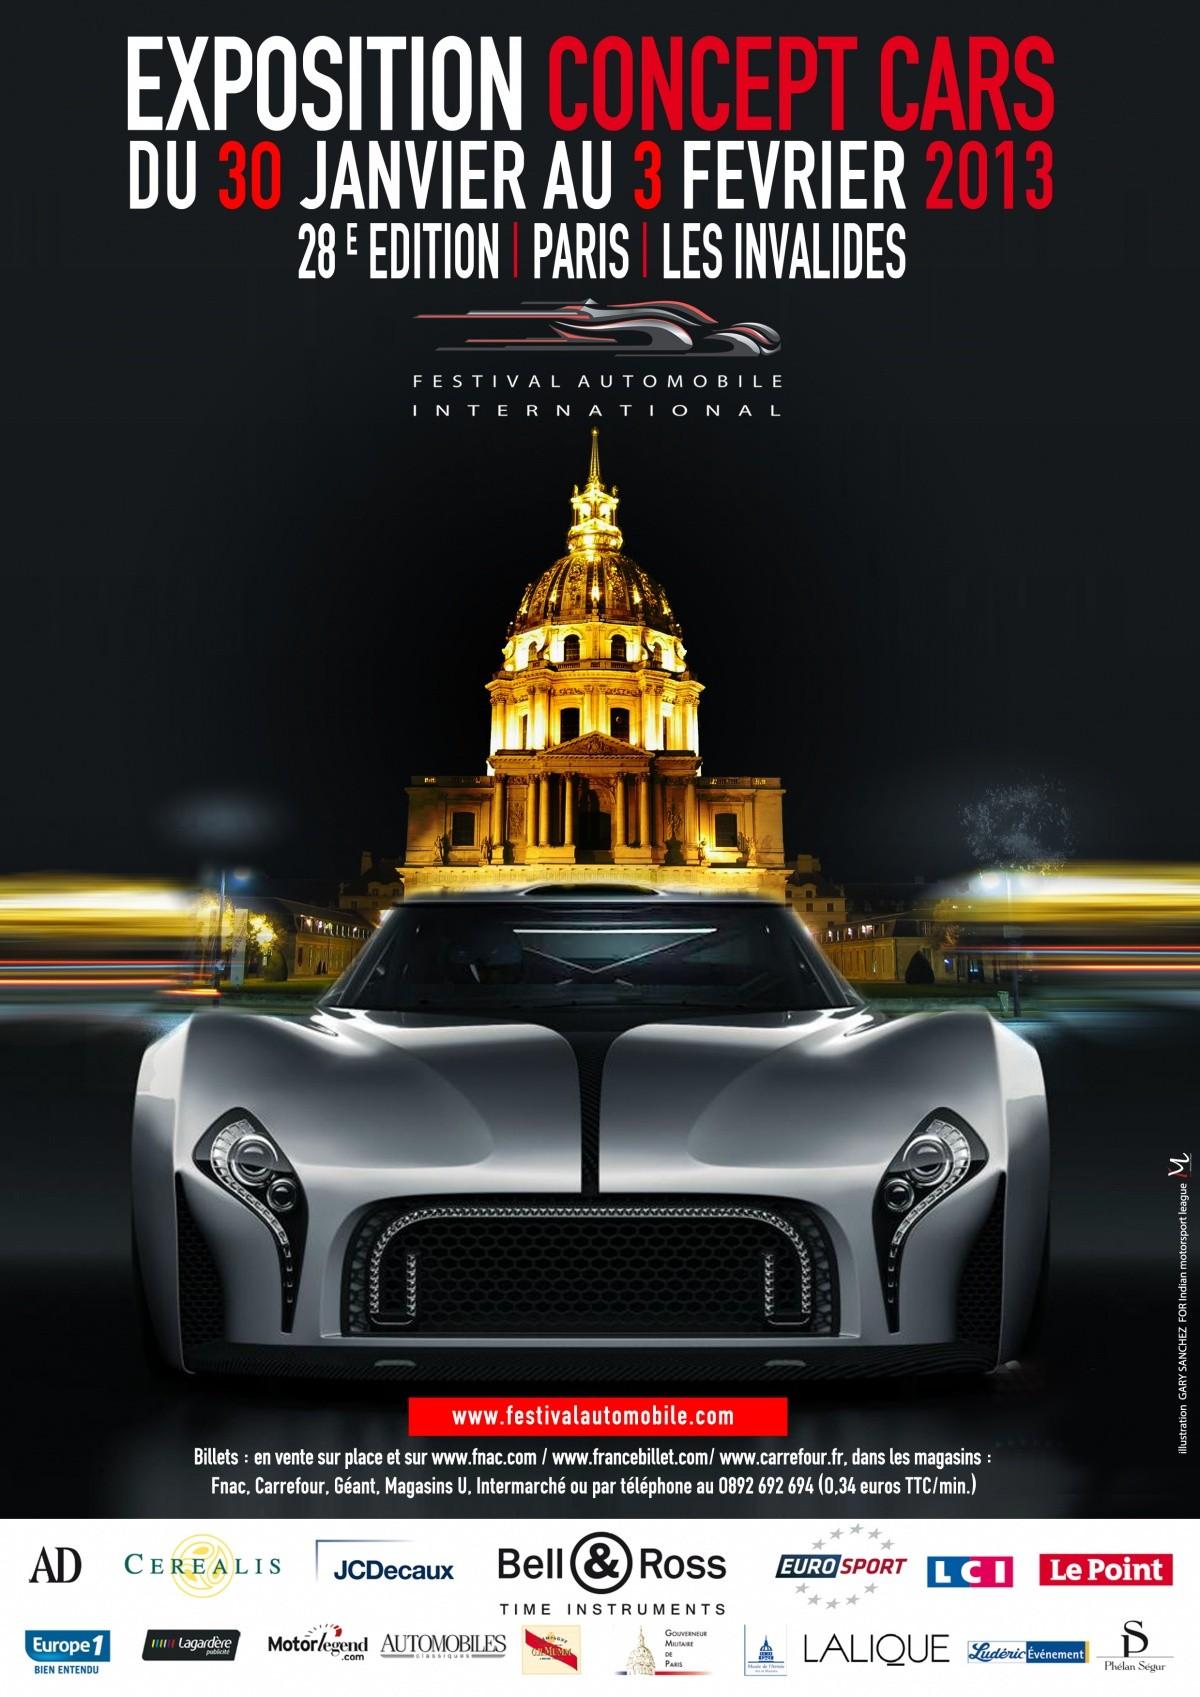 Affiche-Exposition-Concept-Cars-2013